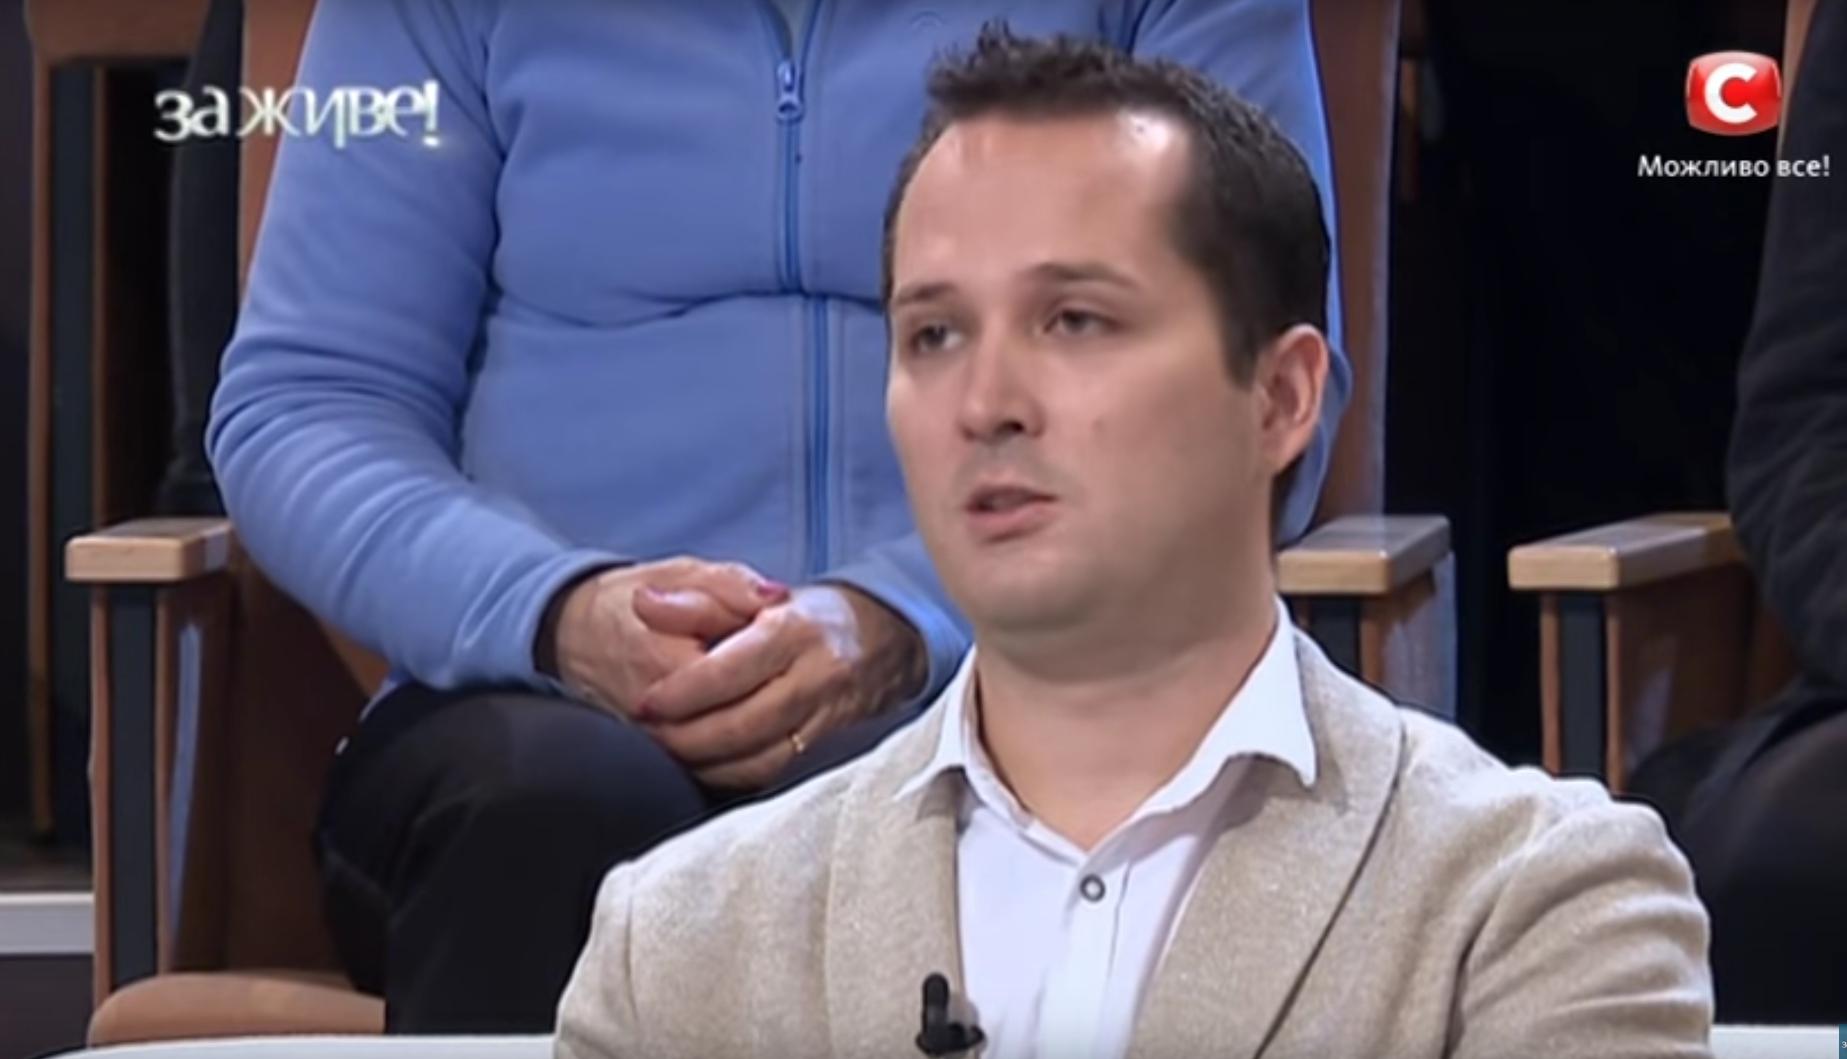 Радион Игнатьев Невролог в Киеве, Одесса